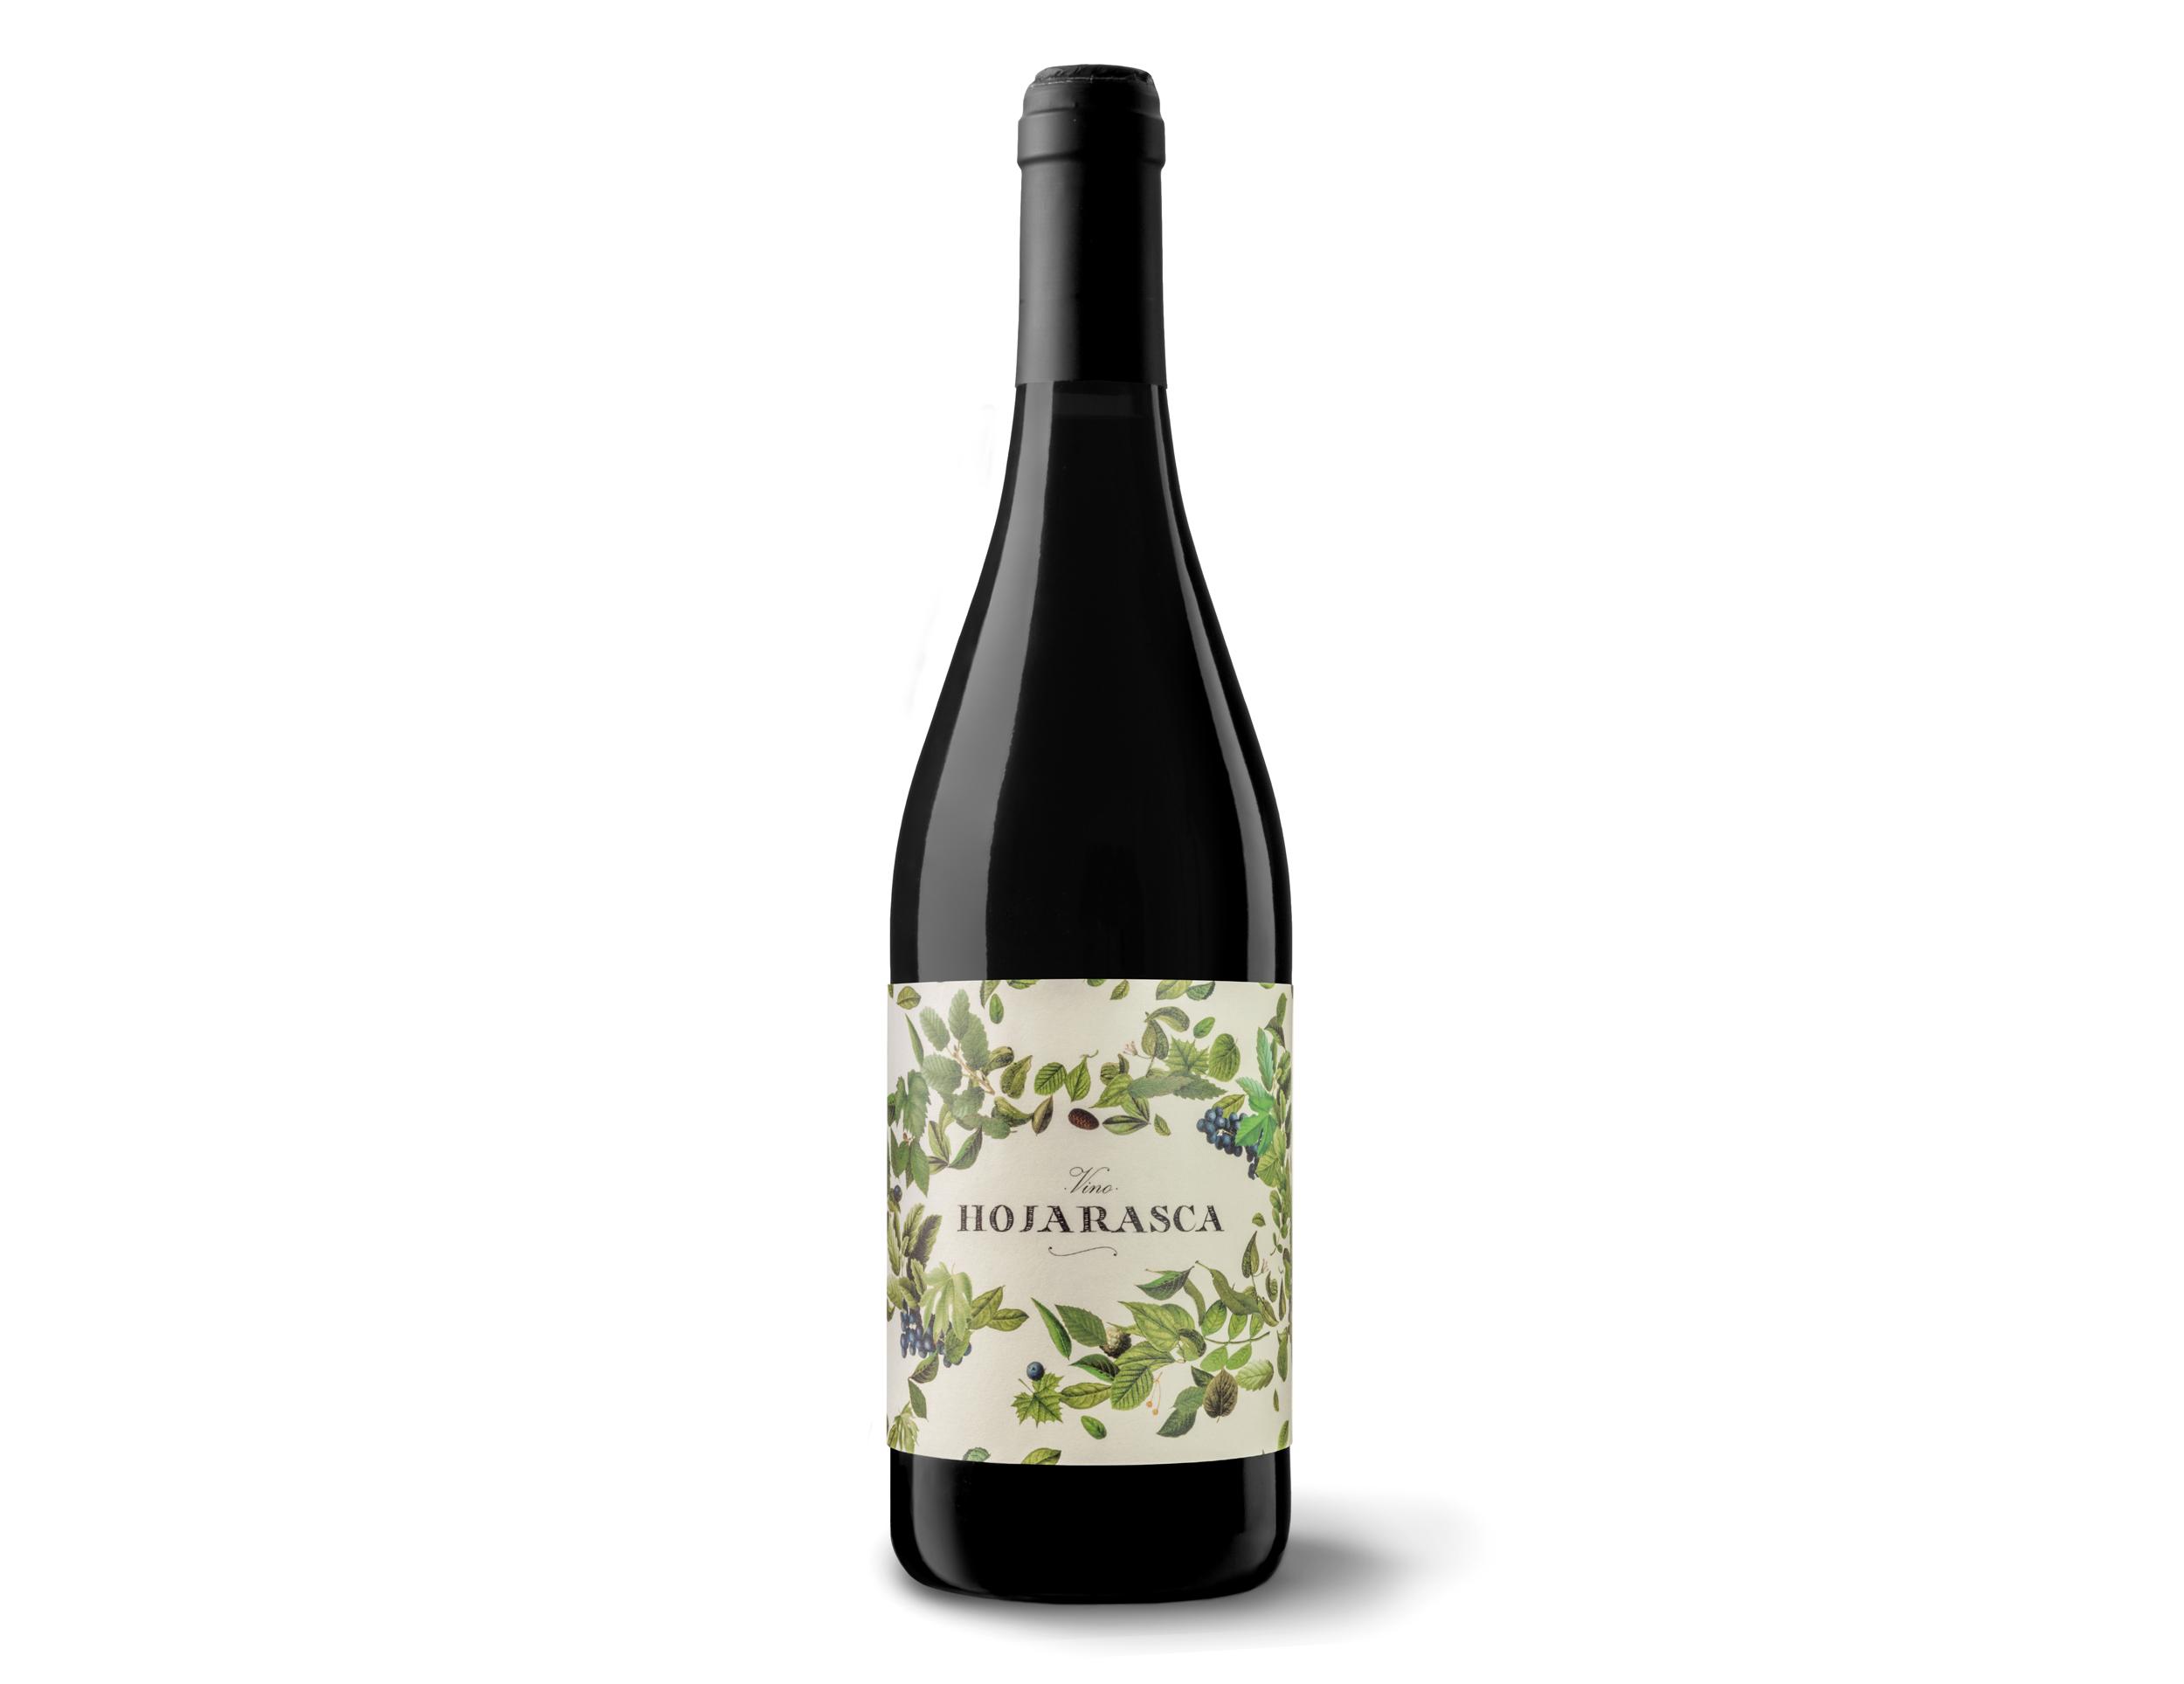 Diseño y fotografía botella Vino hojarasca